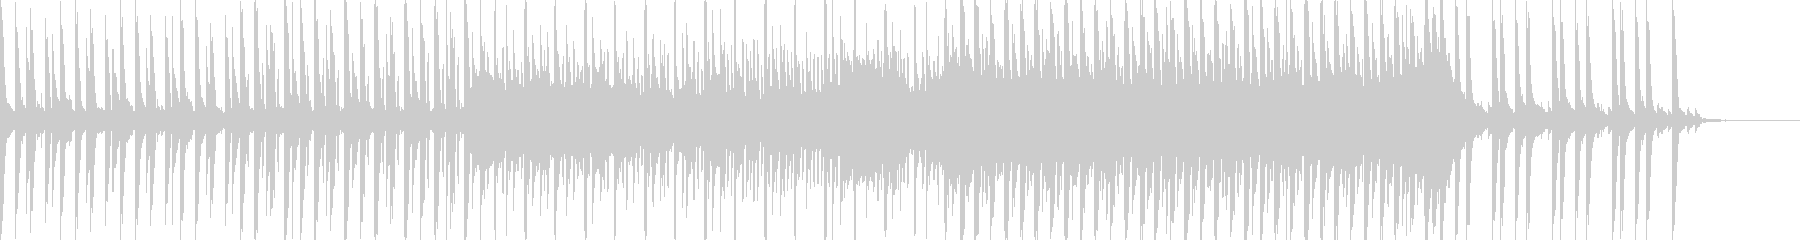 映像に、落ち着いたFuturePop1bの未再生の波形